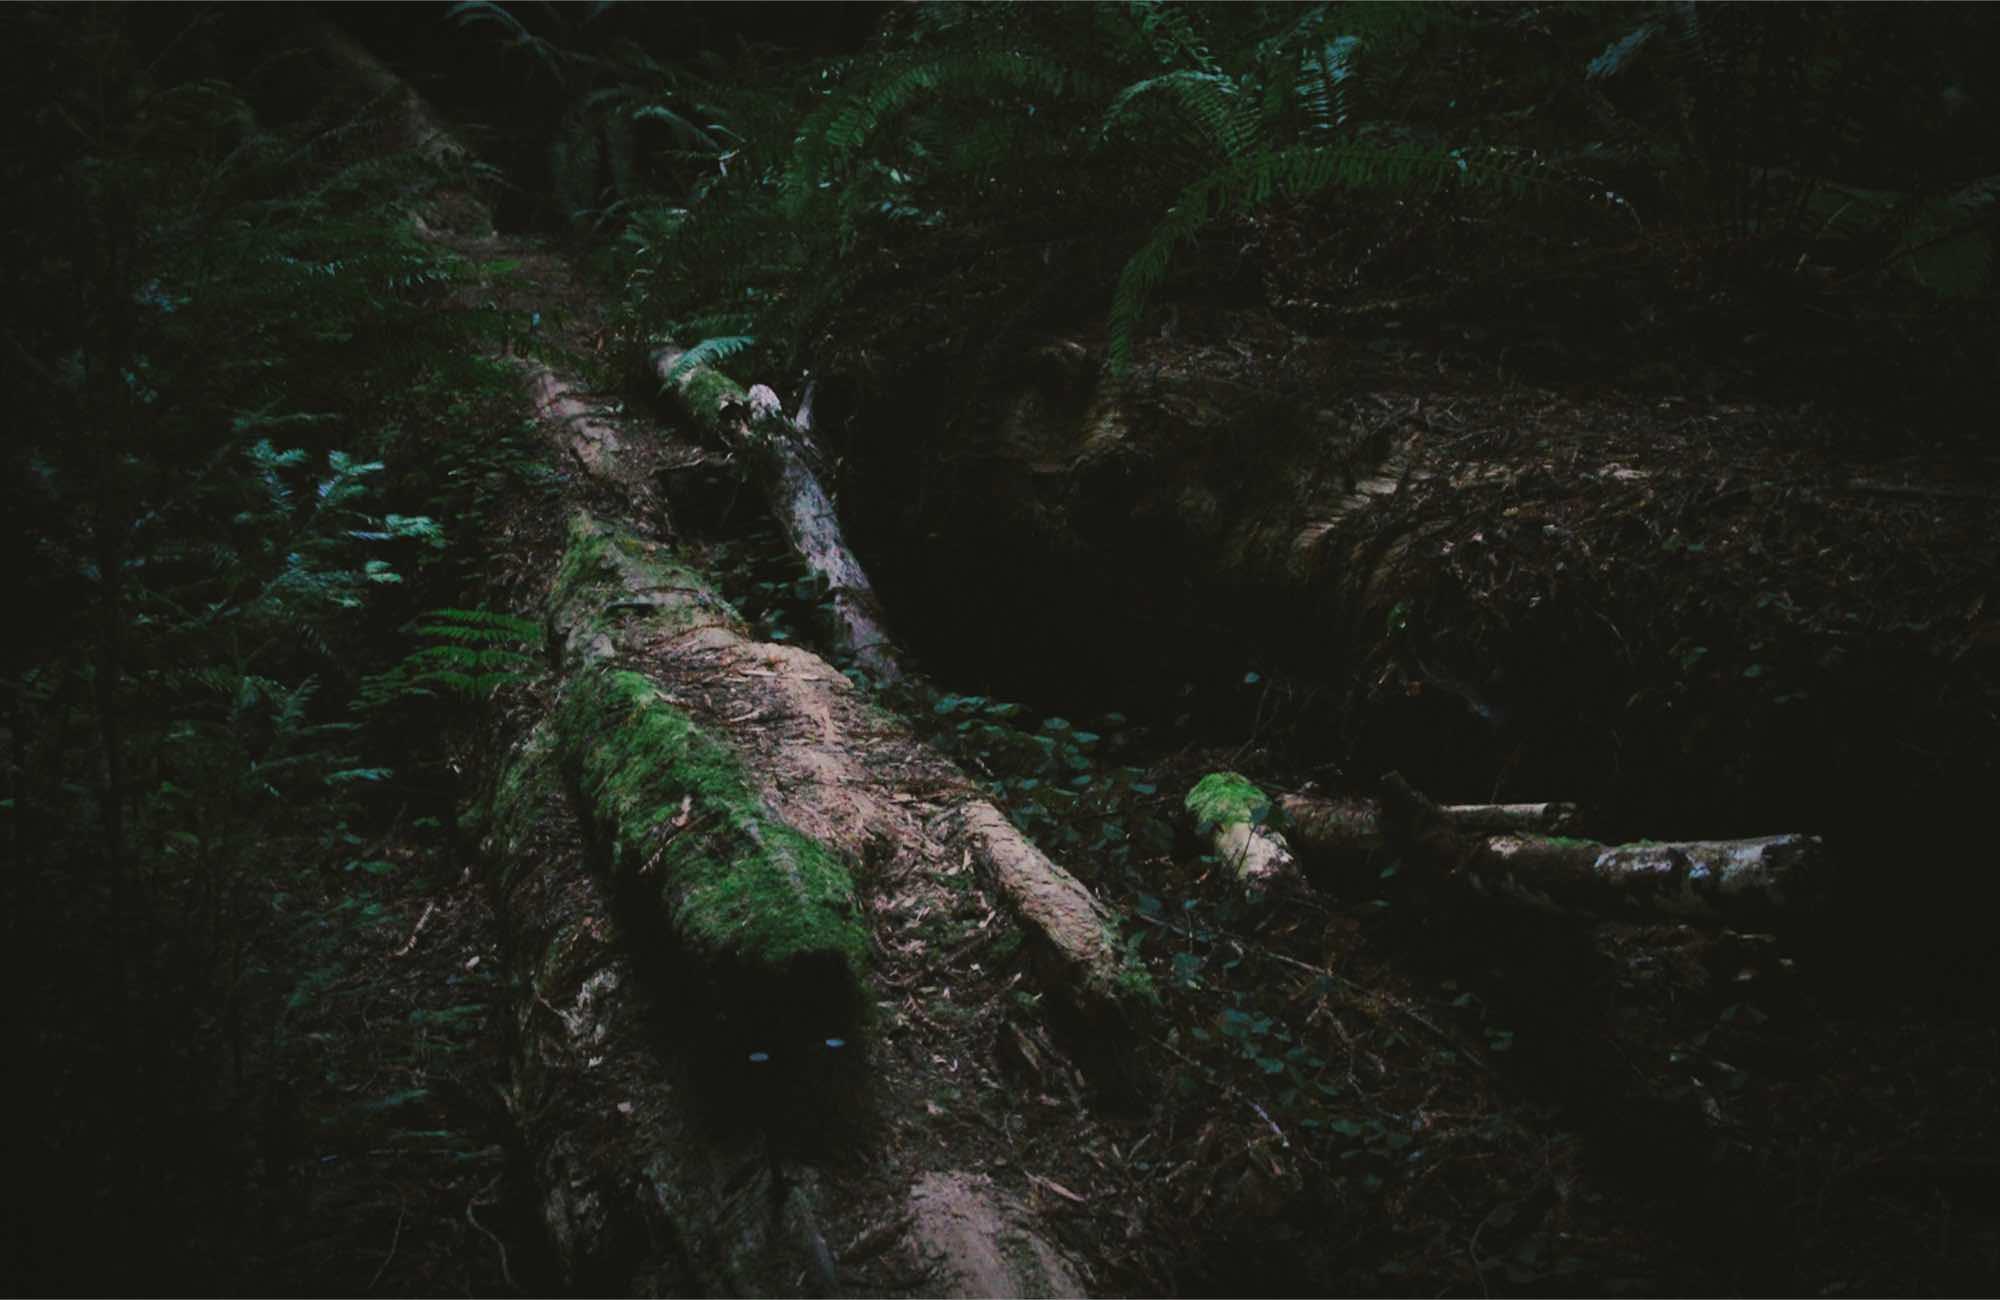 moss on a fallen tree in a forest